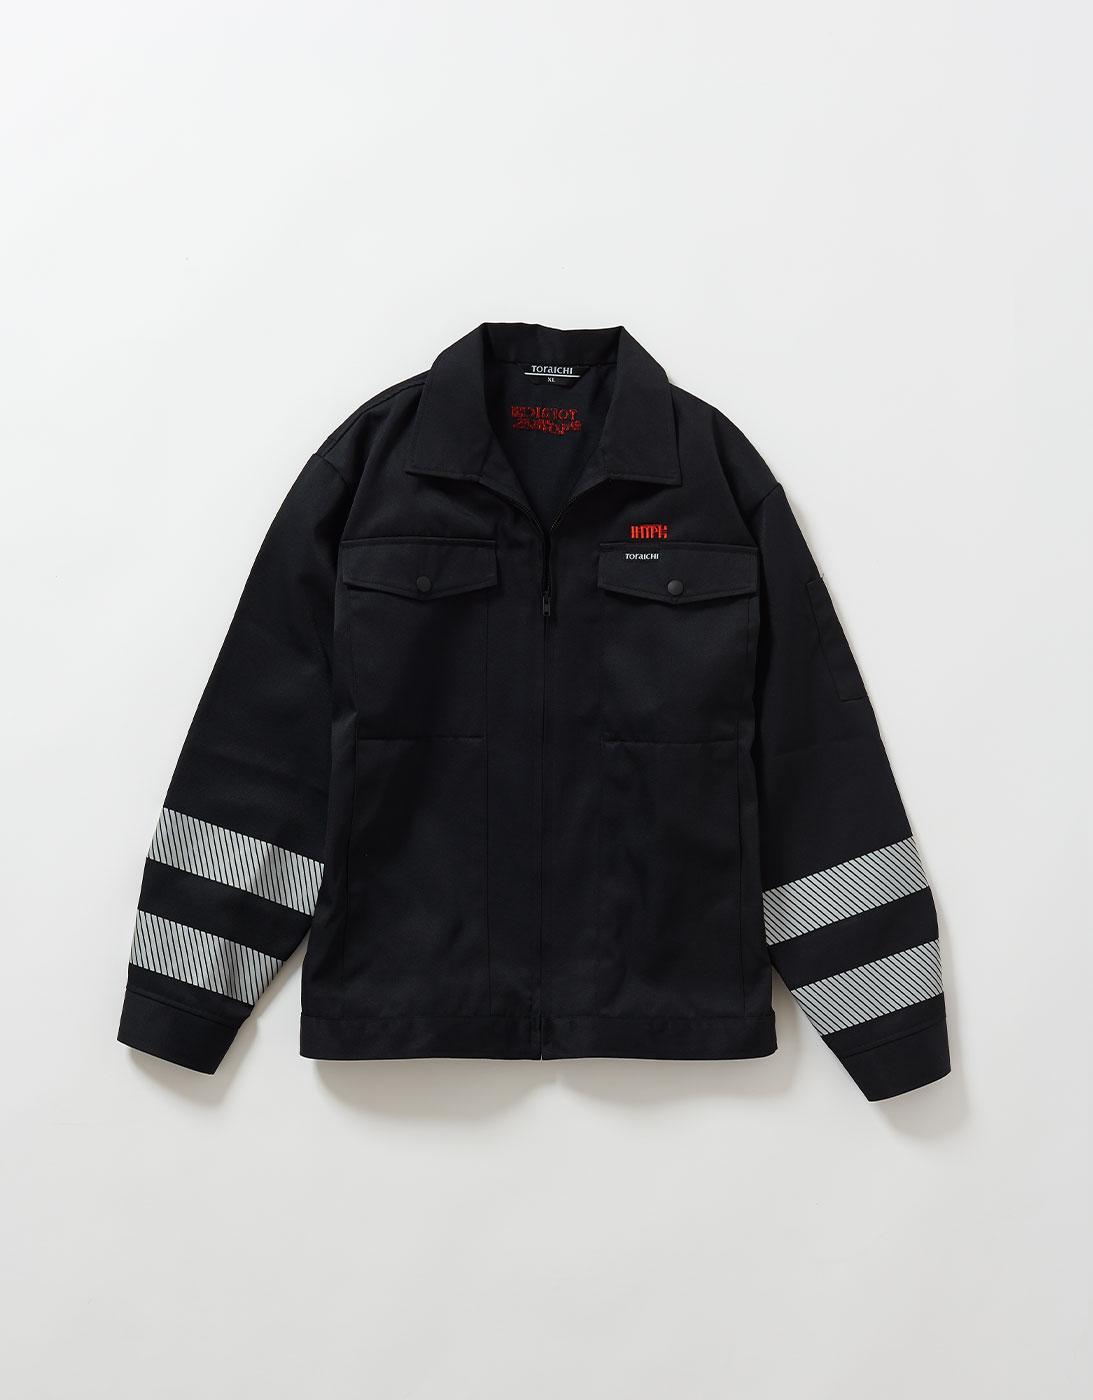 CHUQQ JUMPER BLACK 2530-791(QQQQQQQQQ)